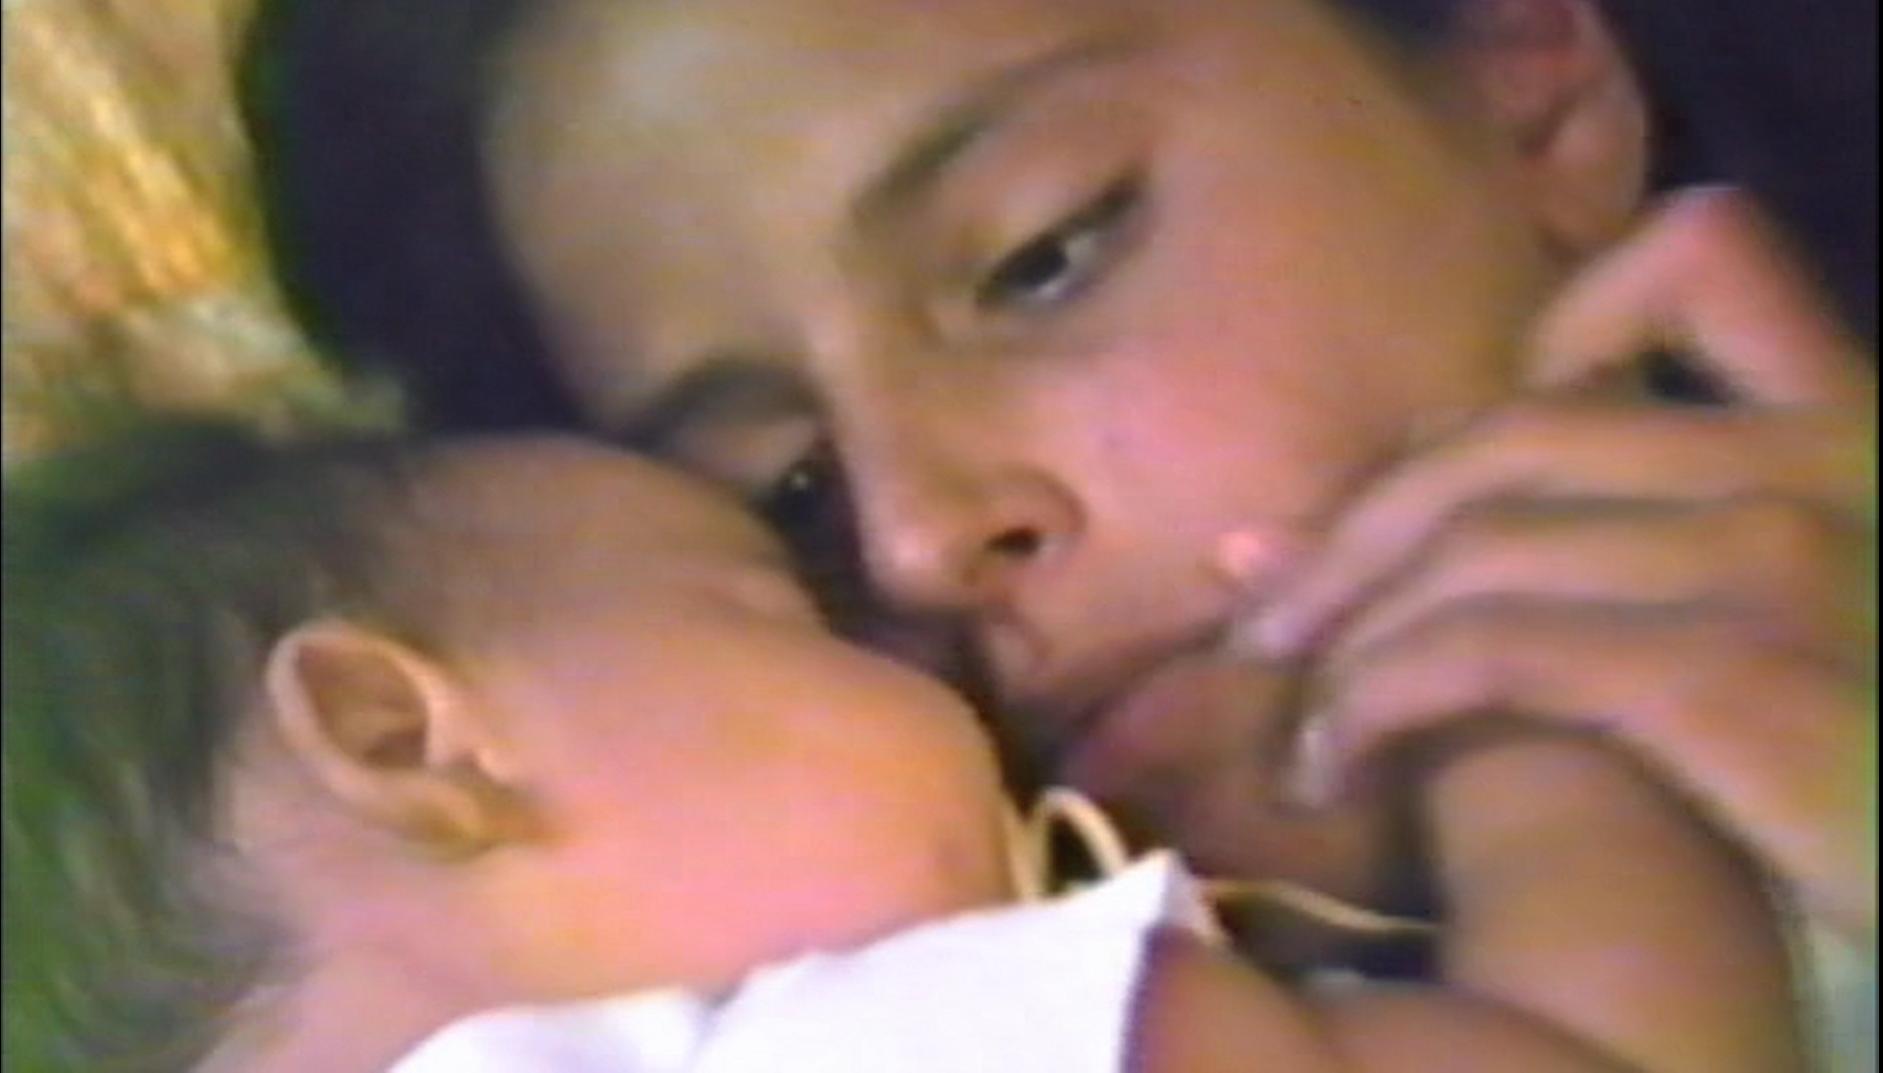 Cena do filme Elena. A imagem mostra Elena e sua irmã Petra ainda bebê deitadas numa cama, num close nos rostos das irmãs. Elena é uma adolescente branca de cabelos lisos, e observa a irmã, no lado esquerdo da imagem, ao mesmo tempo em que segura a sua mãozinha próxima a sua bochecha esquerda. Petra, uma bebê, está deitada, de olhos fechados, abraçada com a irmã, e usa uma chupeta na boca.